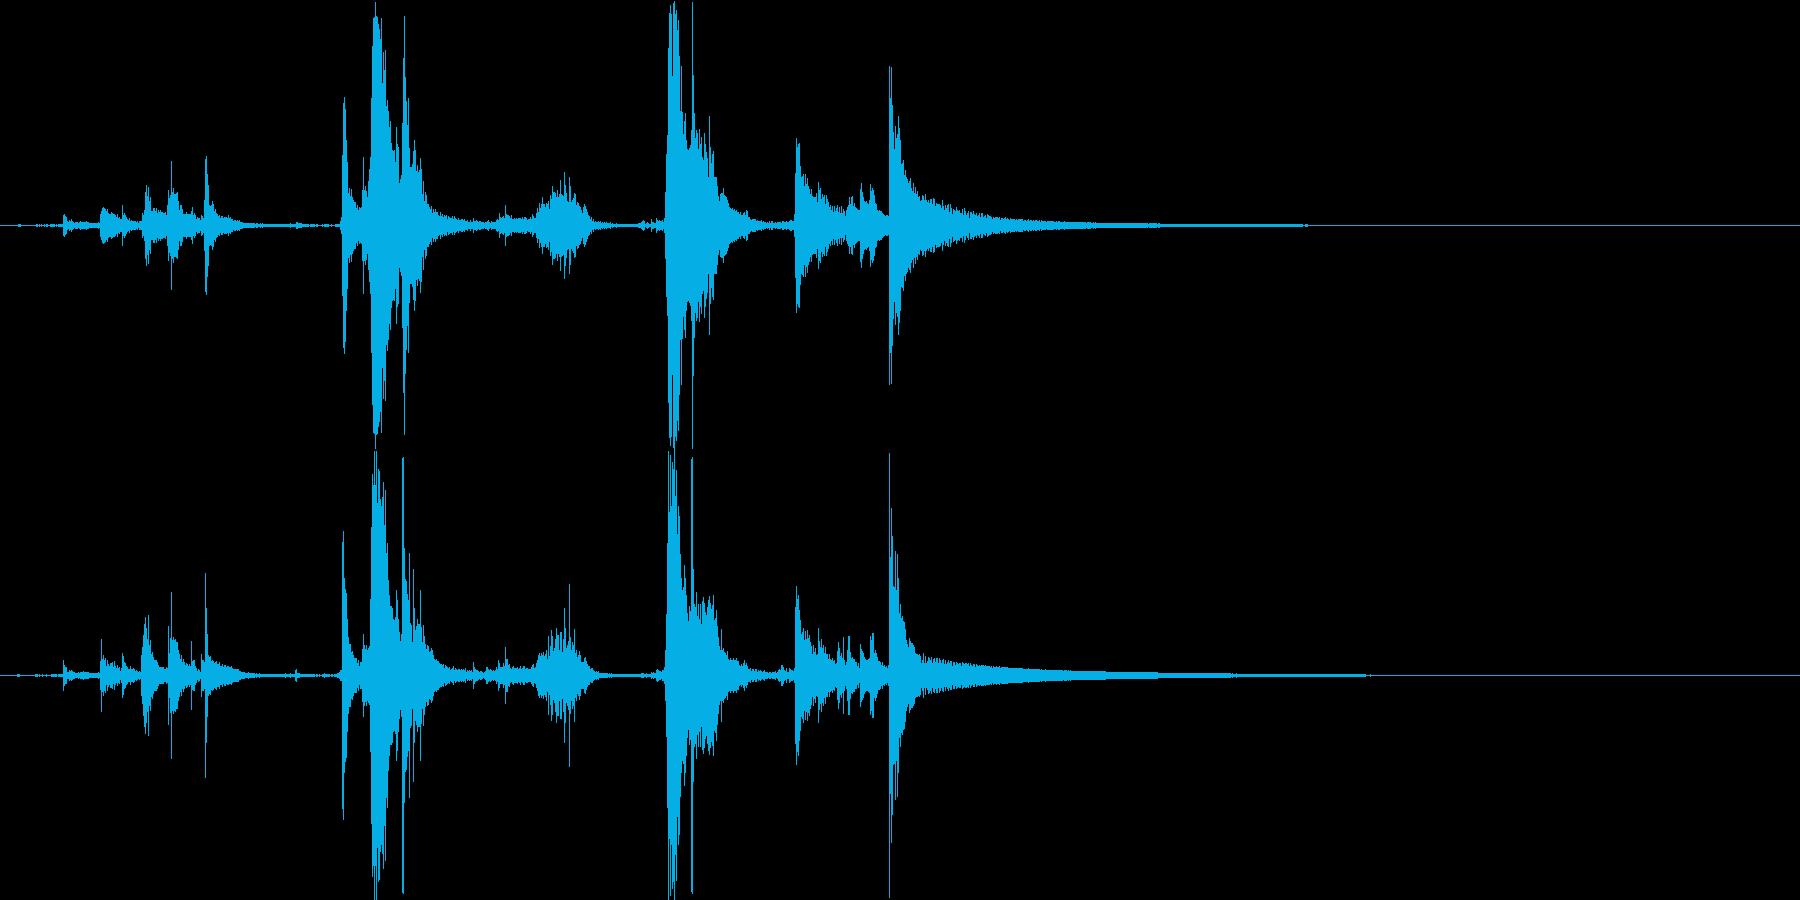 カランコロンキーン(魔法瓶を開ける音)の再生済みの波形